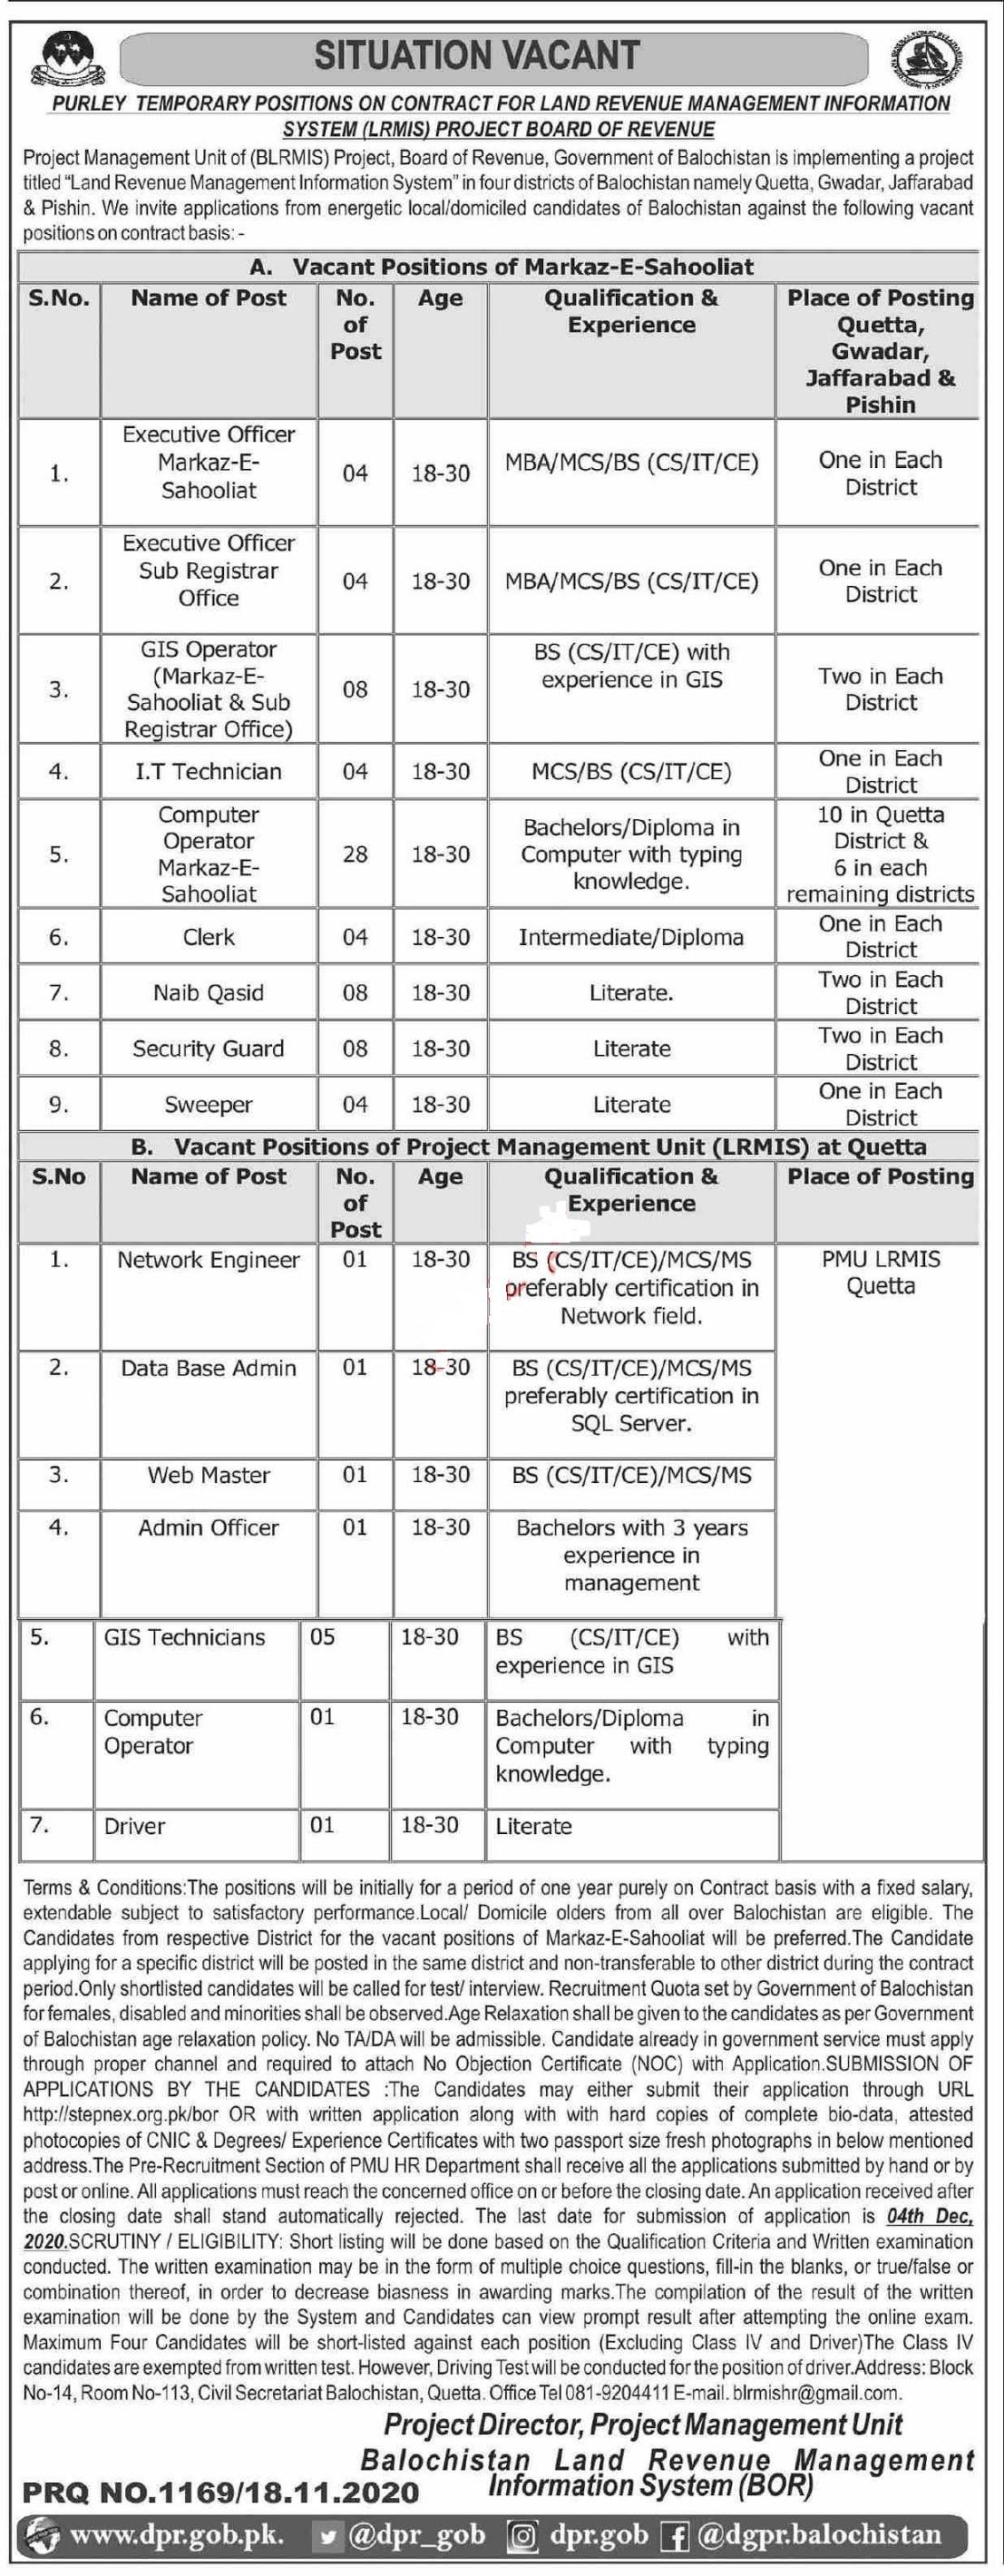 Land Revenue Management Information System LRMIS BoR Quetta Balochistan Jobs 2020